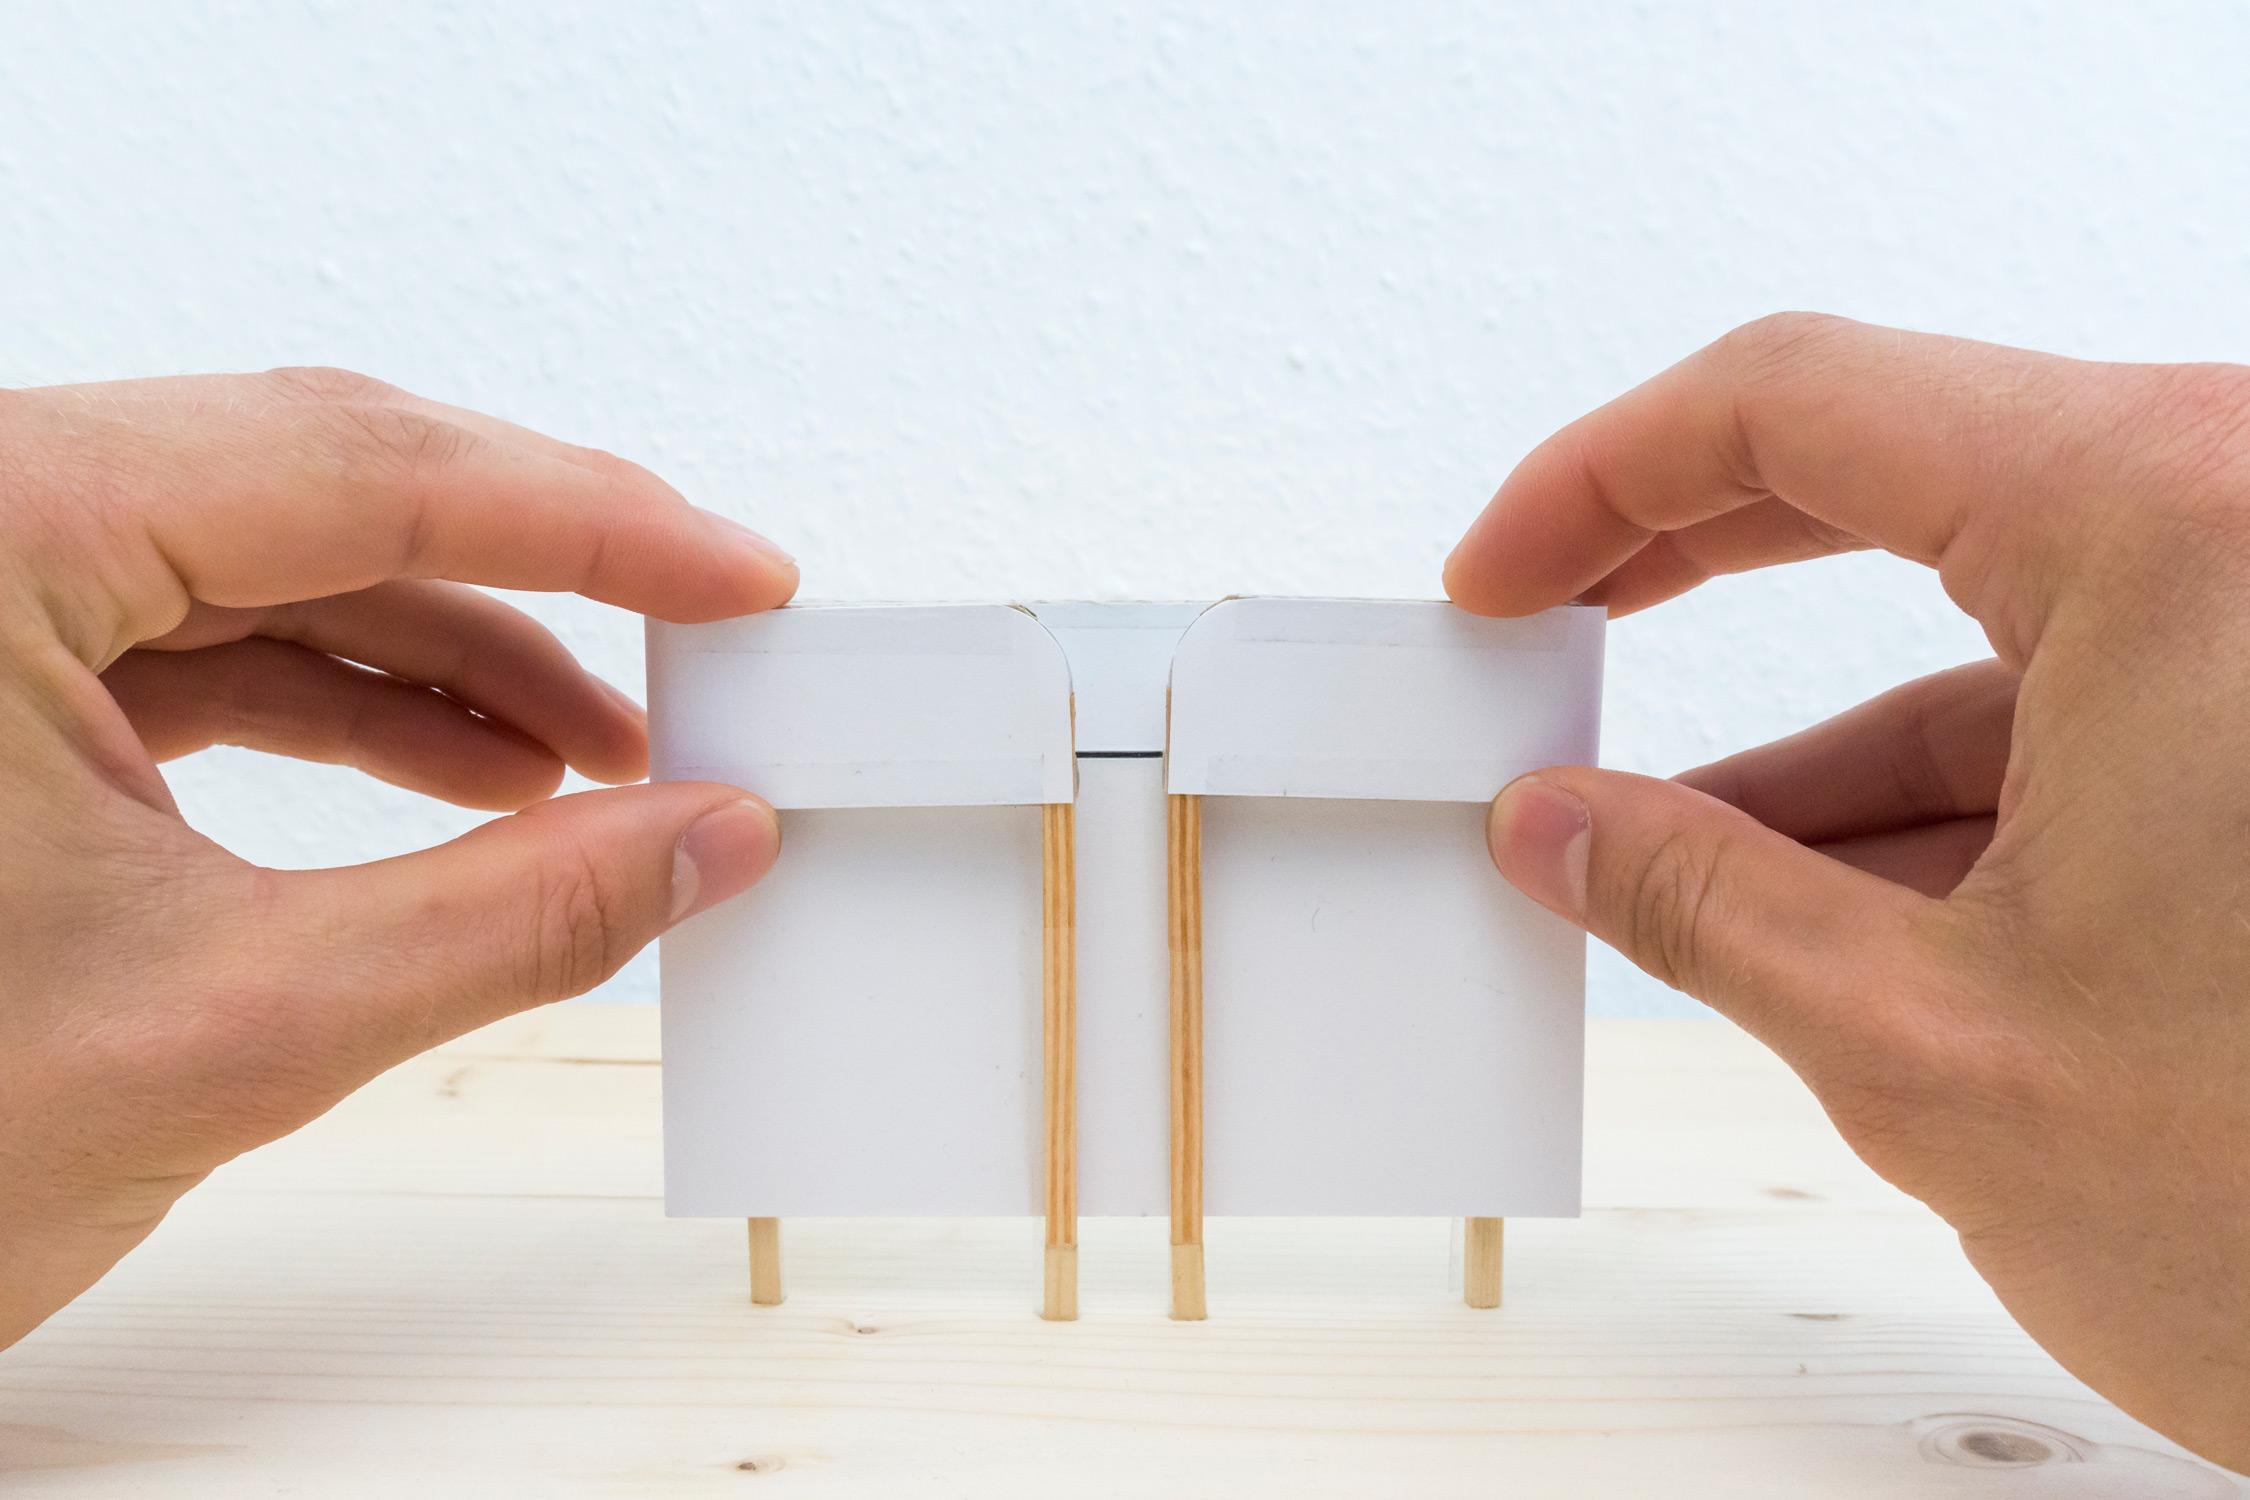 Prototypes-5.jpg